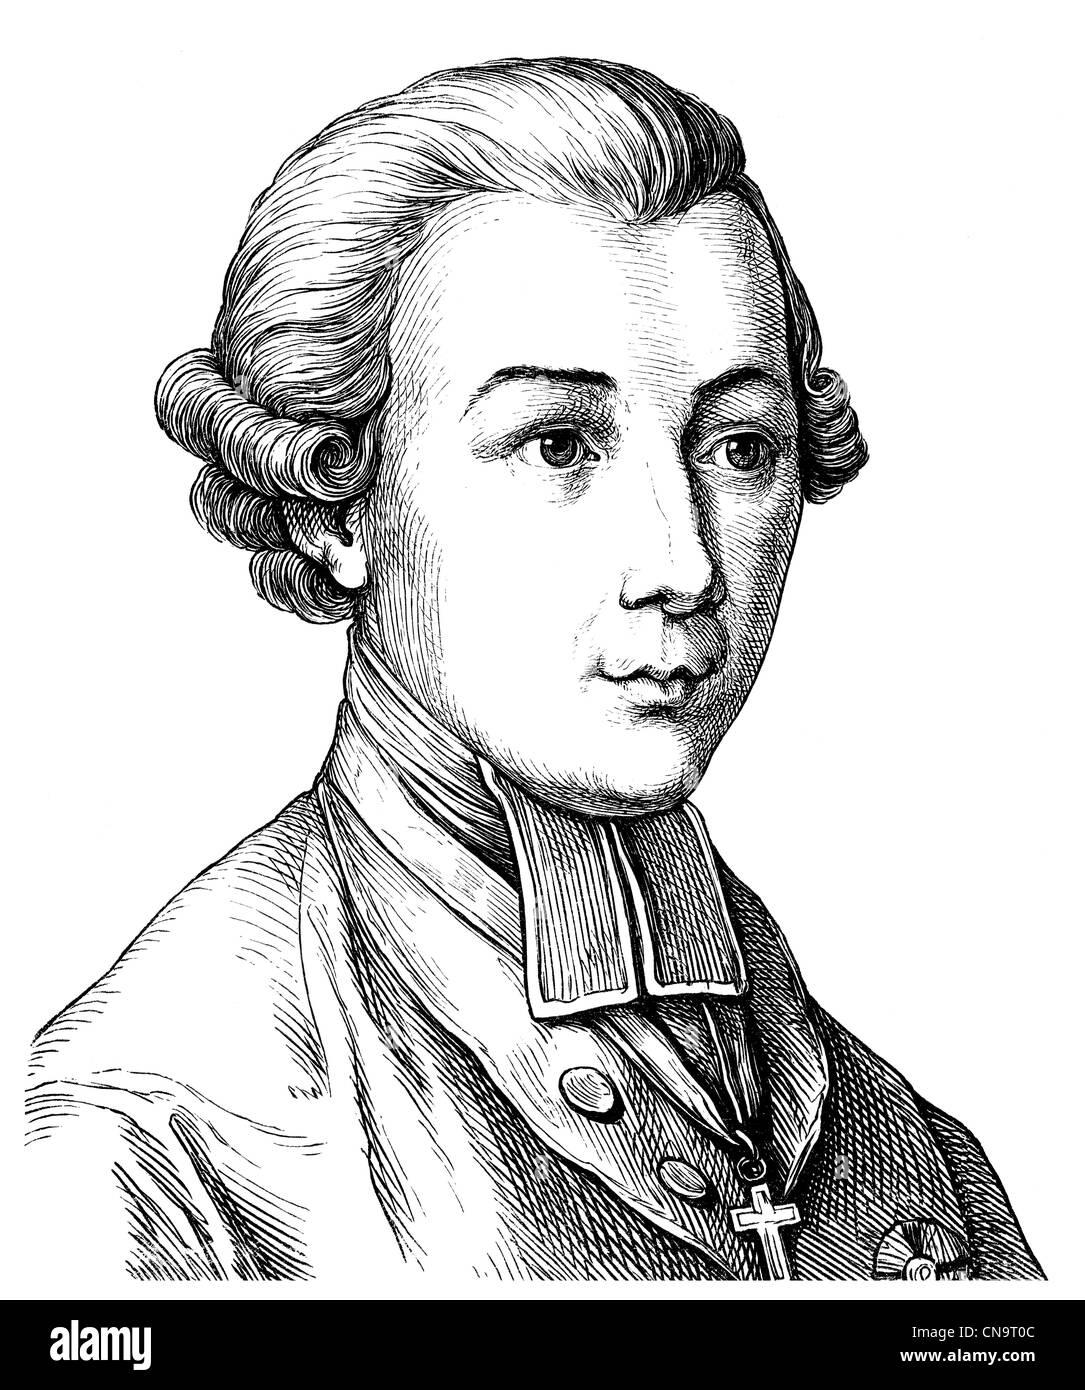 Dibujo histórico, Karl Theodor Anton Maria Barón von Dalberg, 1744 - 1817, arzobispo y estadista, filósofo y escritor Foto de stock